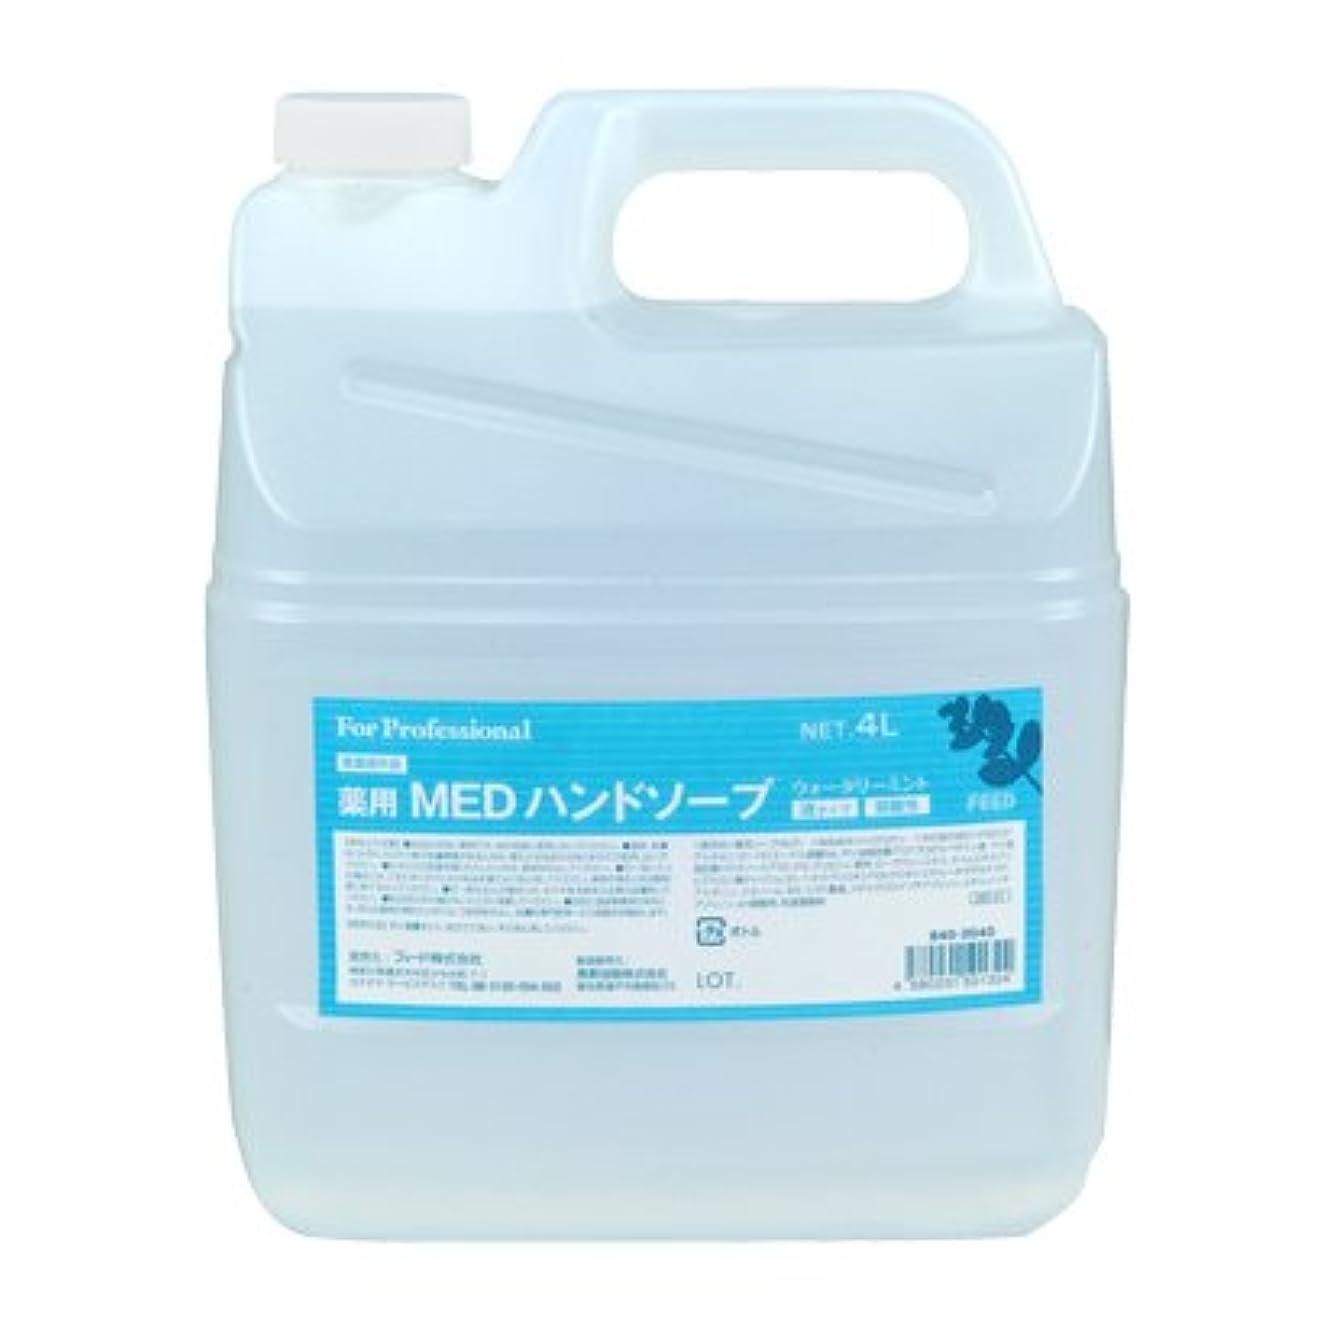 報告書不足儀式【業務用】 FEED(フィード) 薬用 MEDハンドソープ 液タイプ/4L詰替用 ハンドソープ(液タイプ) 入数 1本